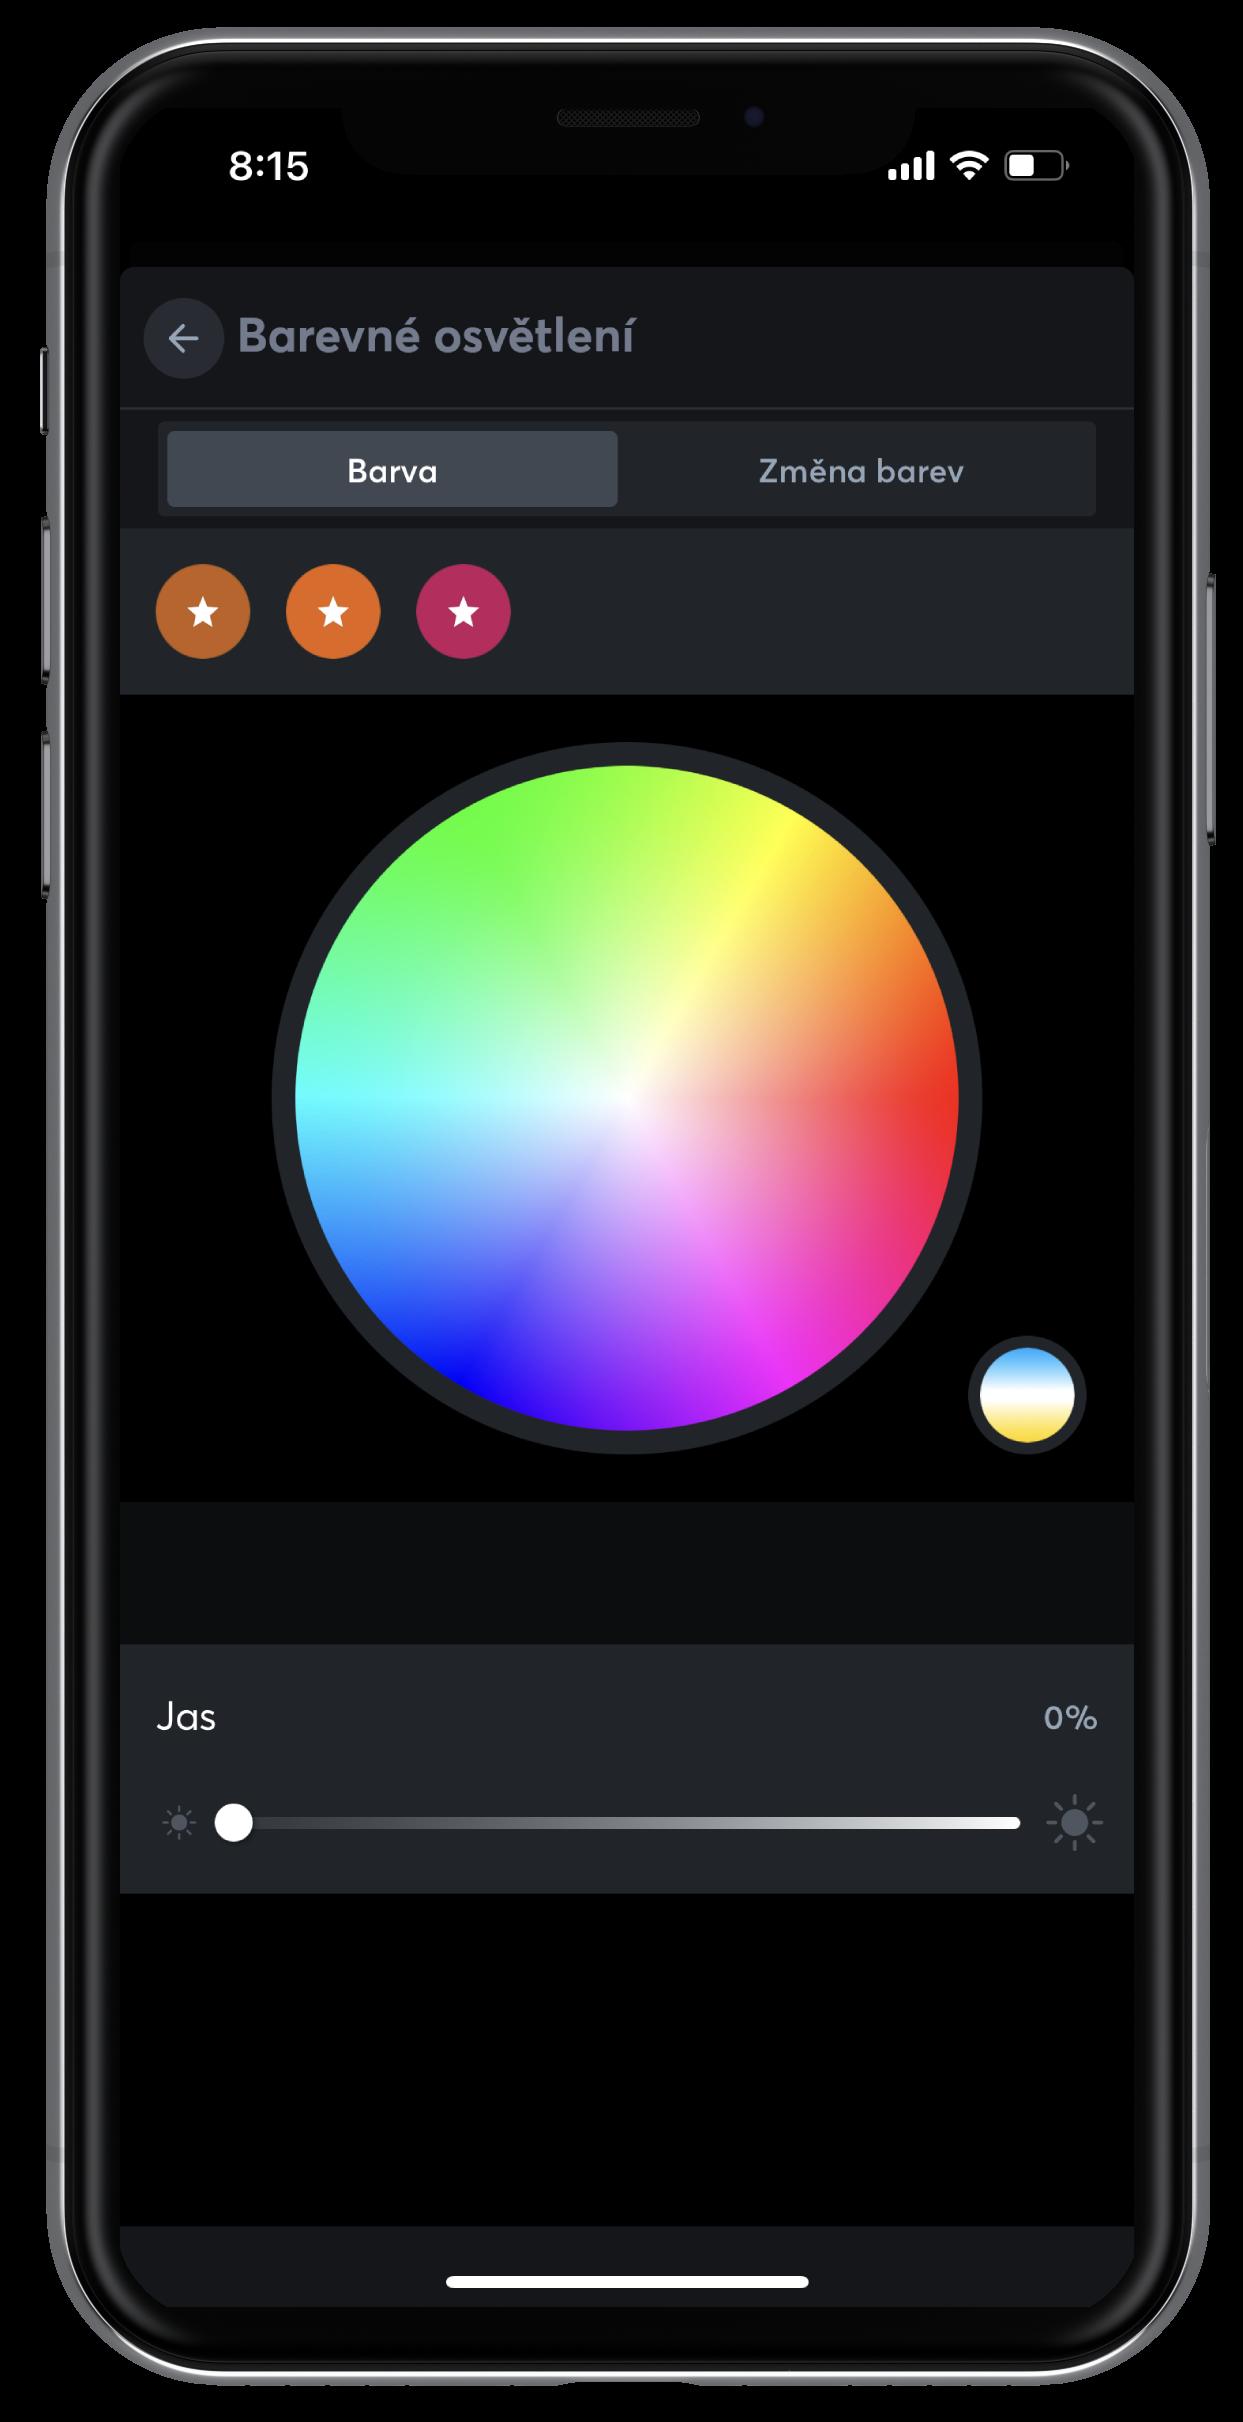 Nastavení barevného osvětlení